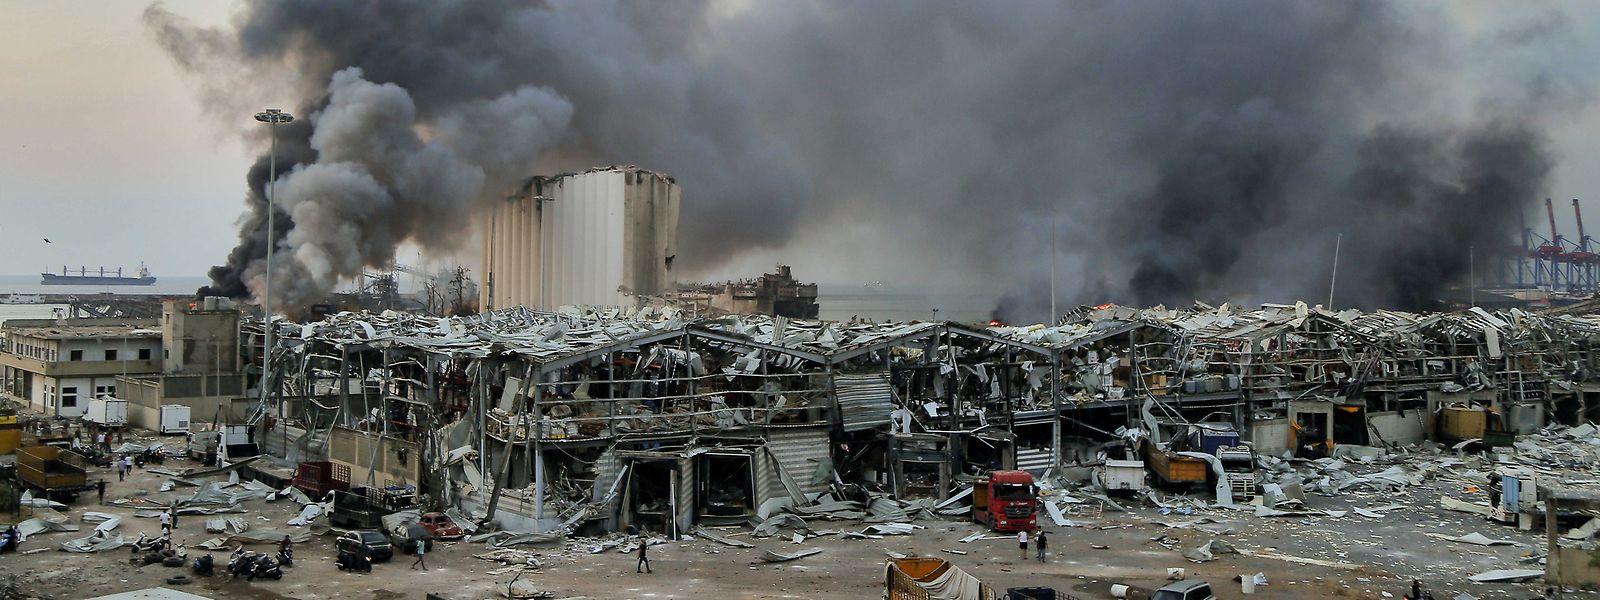 Rauch steigt nach der Explosion vom 4. August 2020 über einem Gebäude am Hafen auf.